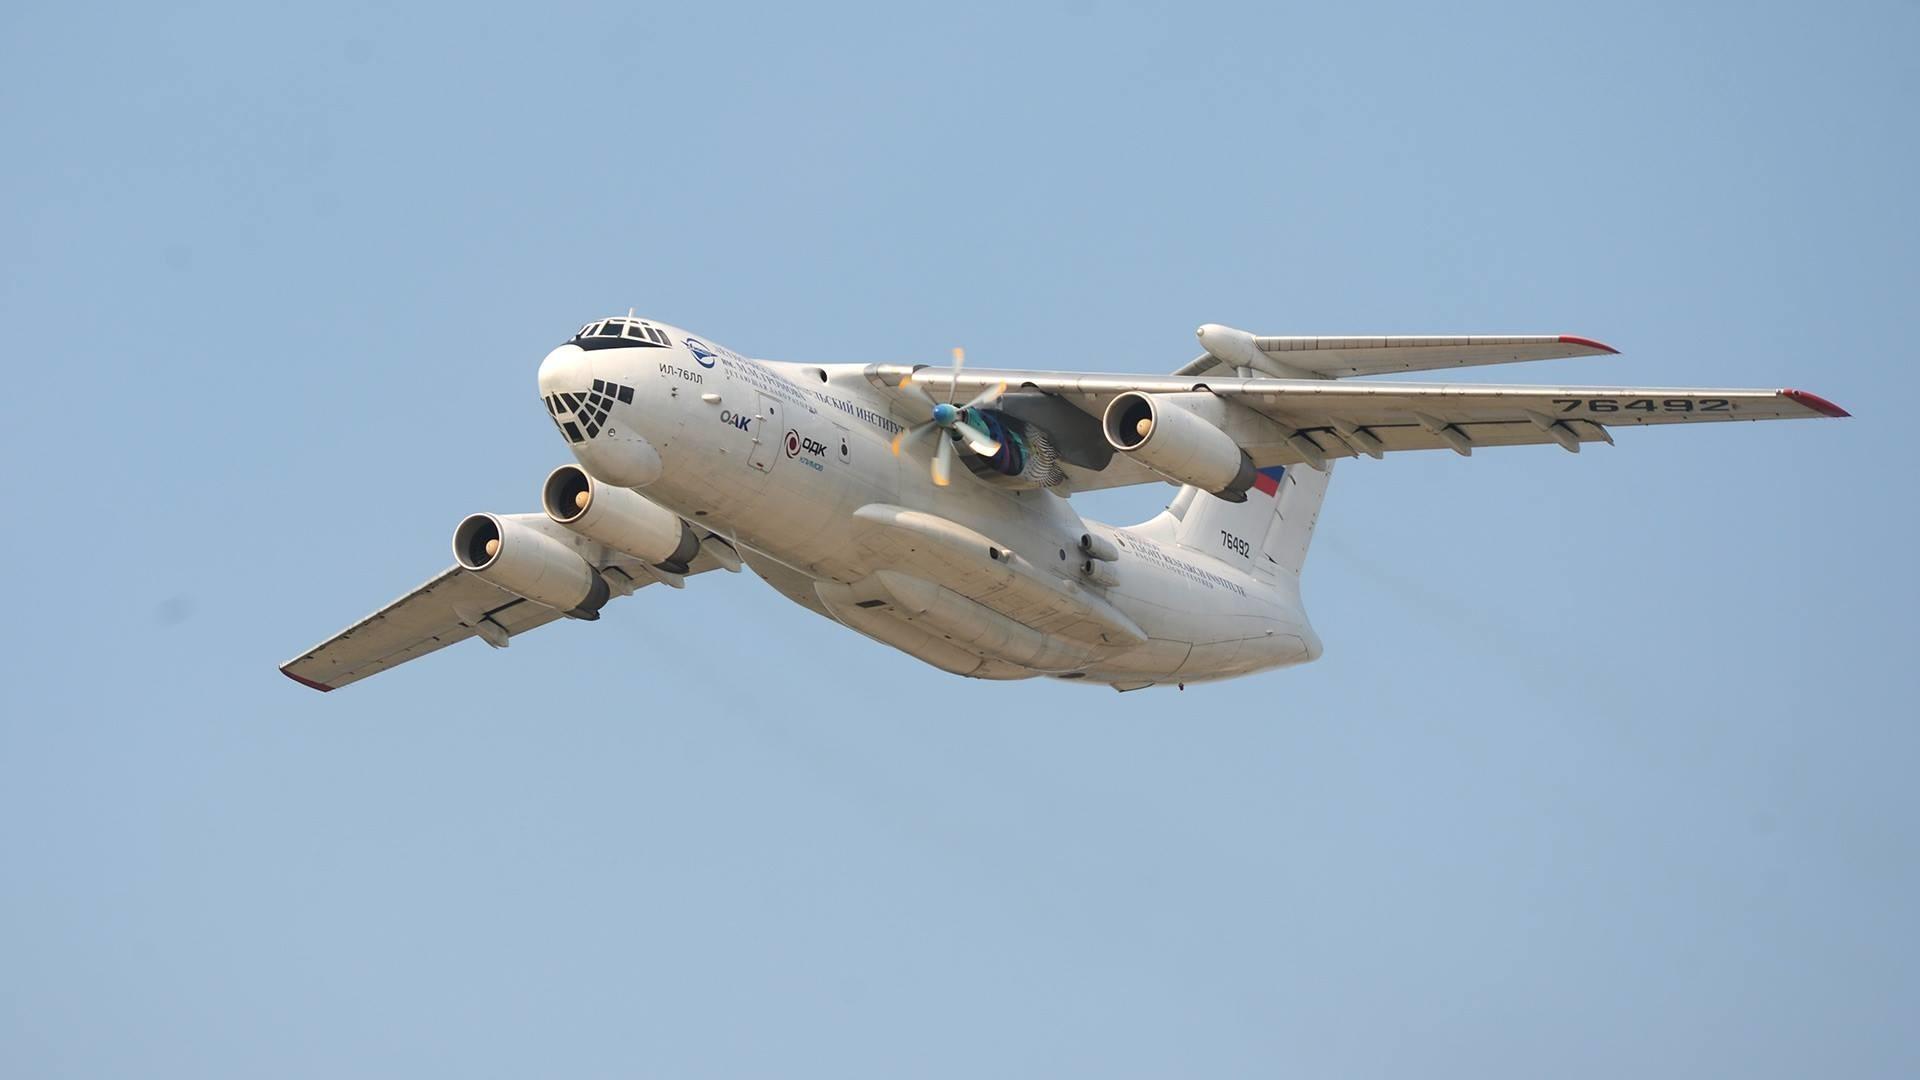 ИЛ-76, на който е тестван двигателят за ИЛ-112В